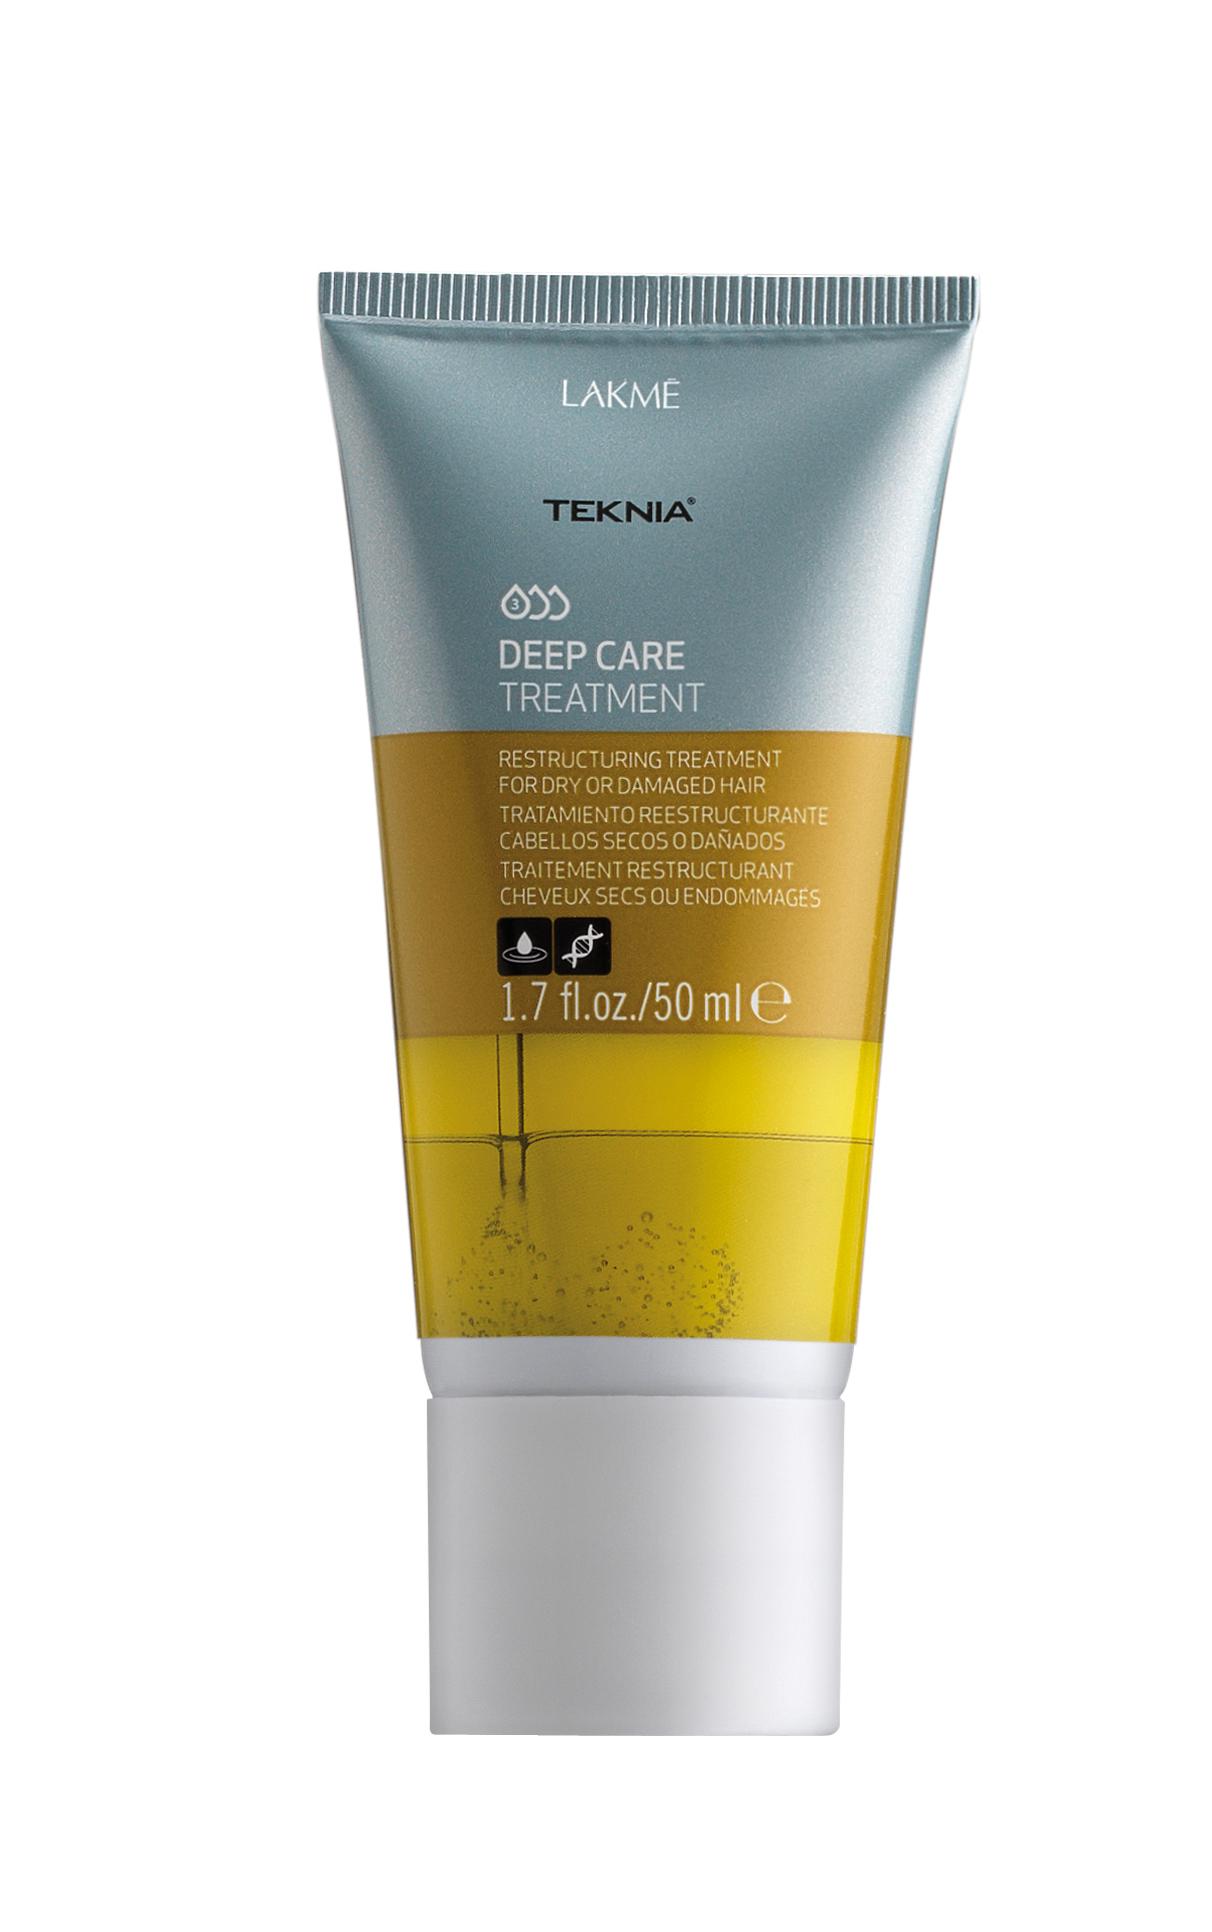 Lakme Интенсивное восстанавливающее средство для сухих или поврежденных волос Treatment, 50 мл47733Абиссинское масло глубоко питает, укрепляет и далет волосы шелковистыми и невероятно легкими. Придает бриллиантовый блеск. Керамиды укрепляют и восстанавливают поврежденные участки волос, сохраняя их натуральные свойства. Облегчает укладку волос.Интенсивное восстанавливающее средство для сухих или поврежденных волос Lakme Teknia Deep Care Treatment содержит WAA™ – комплекс растительных аминокислот, ухаживающий за волосами и оказывающий глубокое воздействие изнутри.